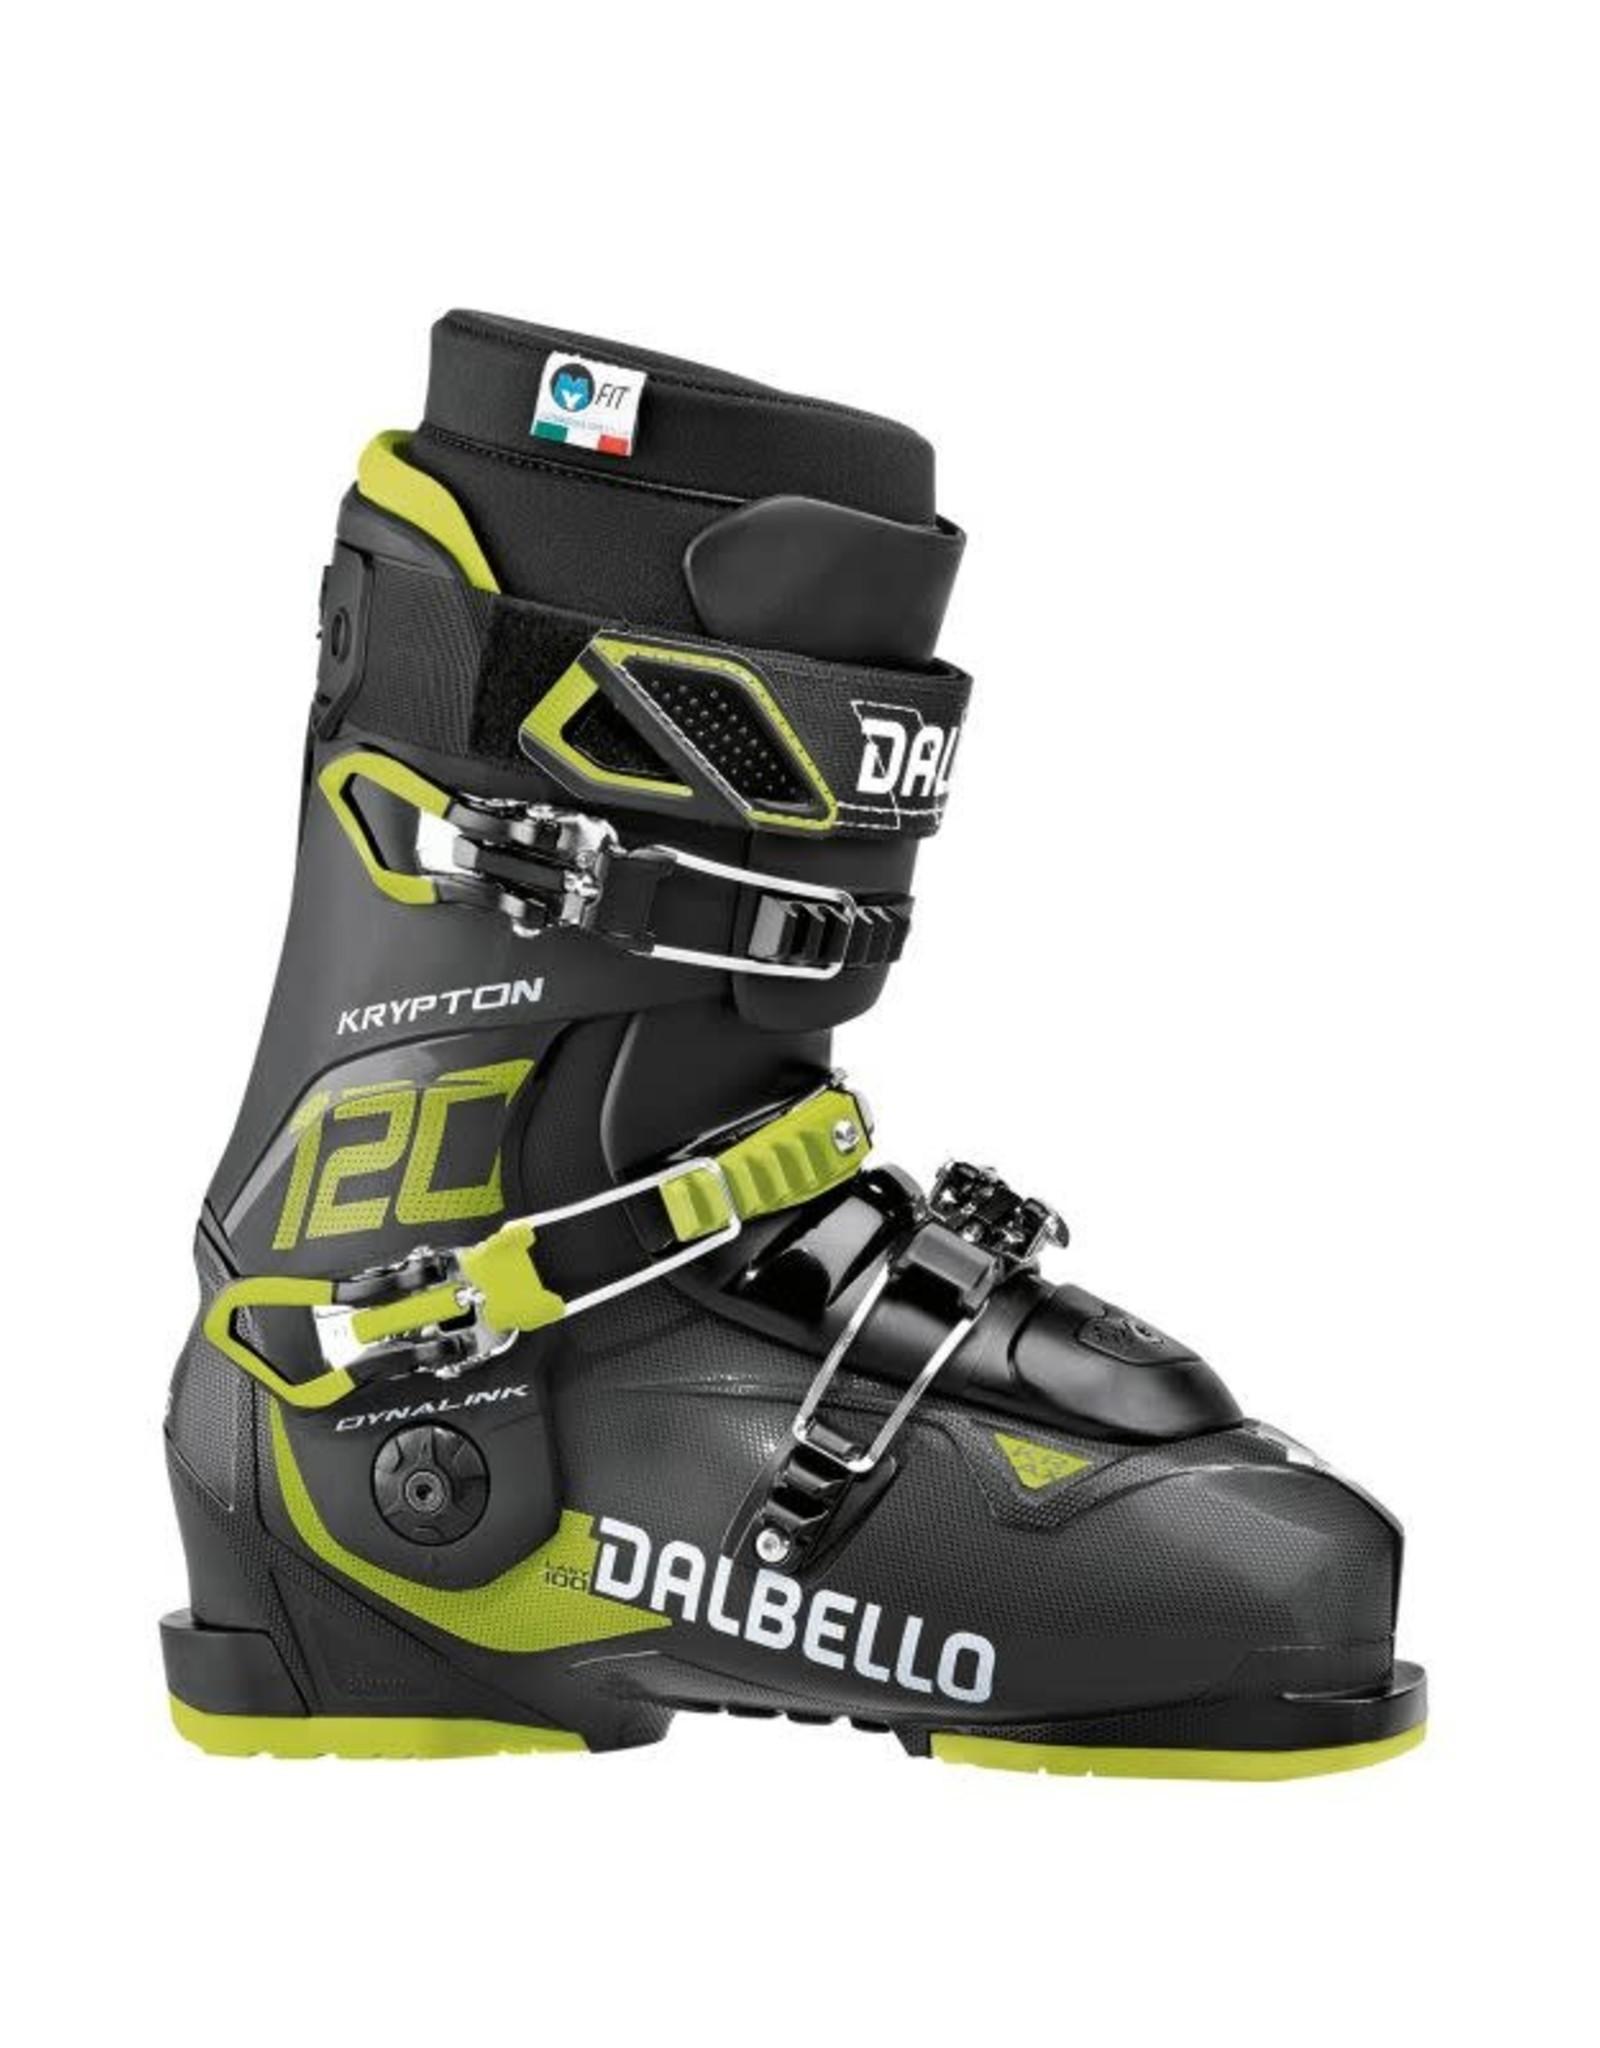 DALBELLO DALBELLO Ski Boots KRYPTON 120 AX ID (18/19)